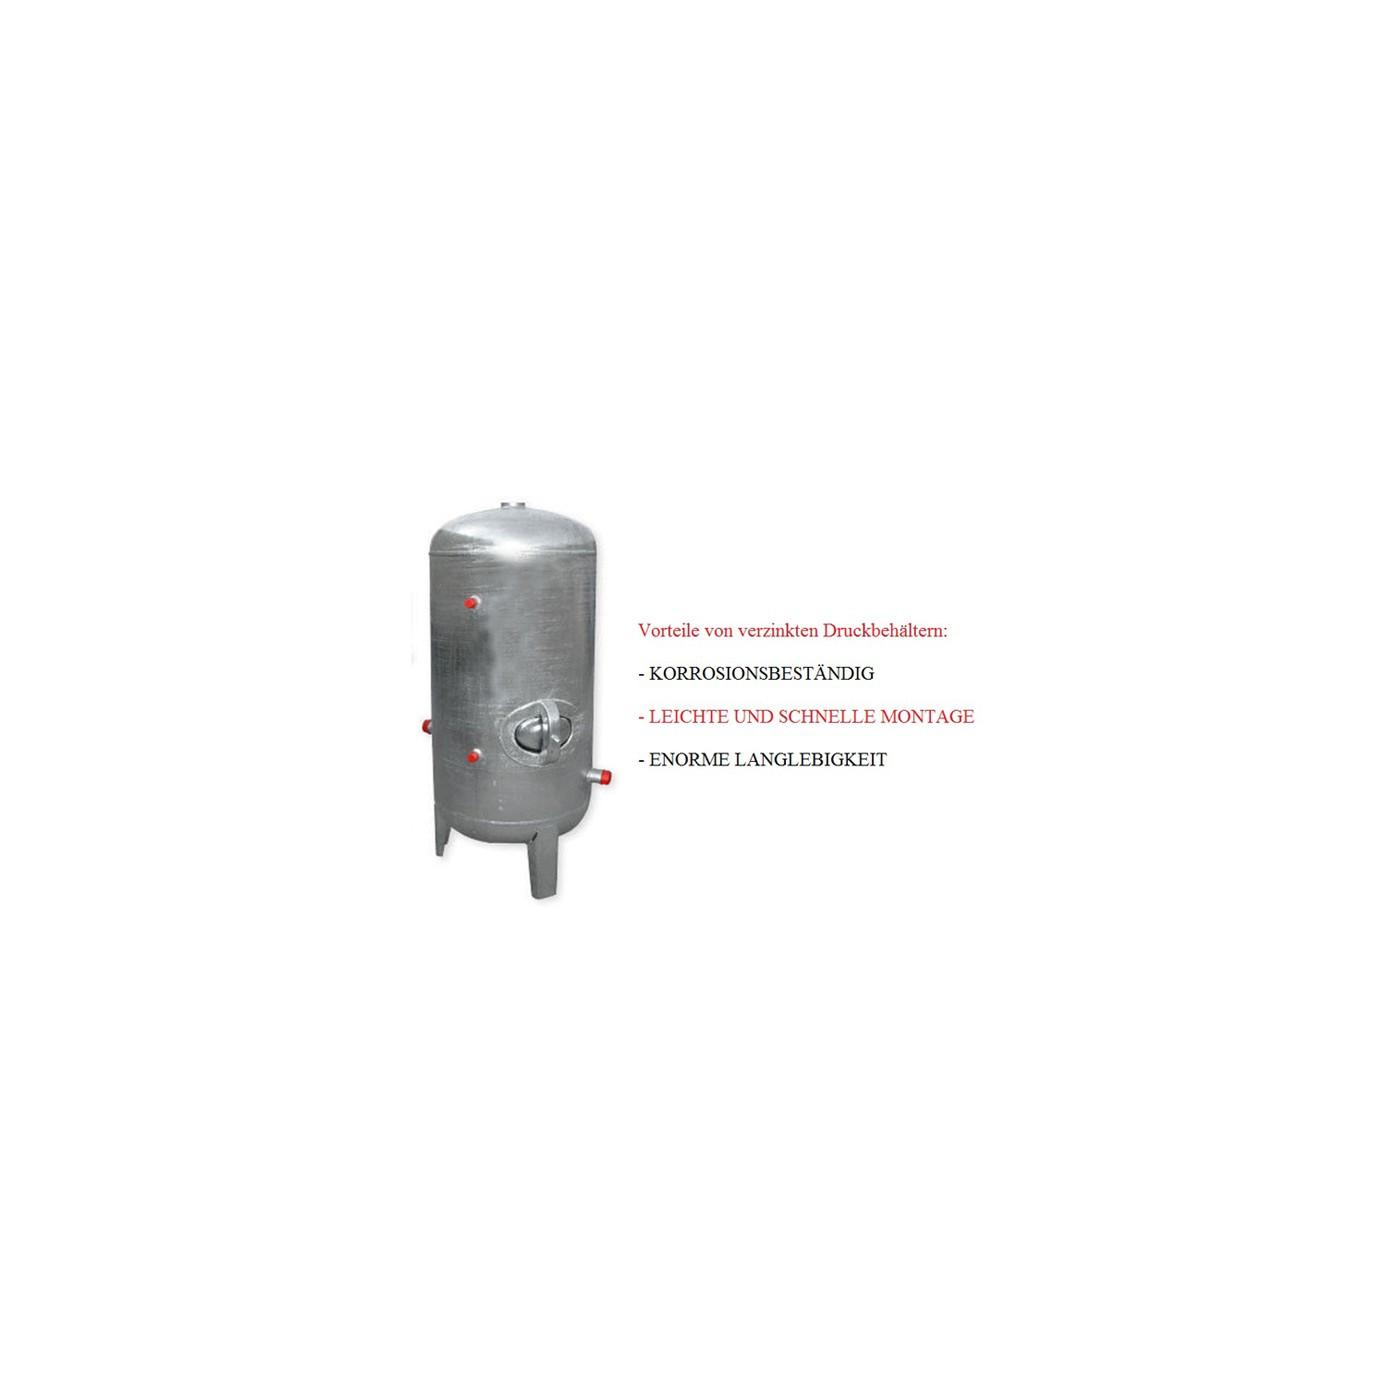 Druckbehälter 100 bis 500L 6 bar senkrecht mit Zubehör verzinkt ...